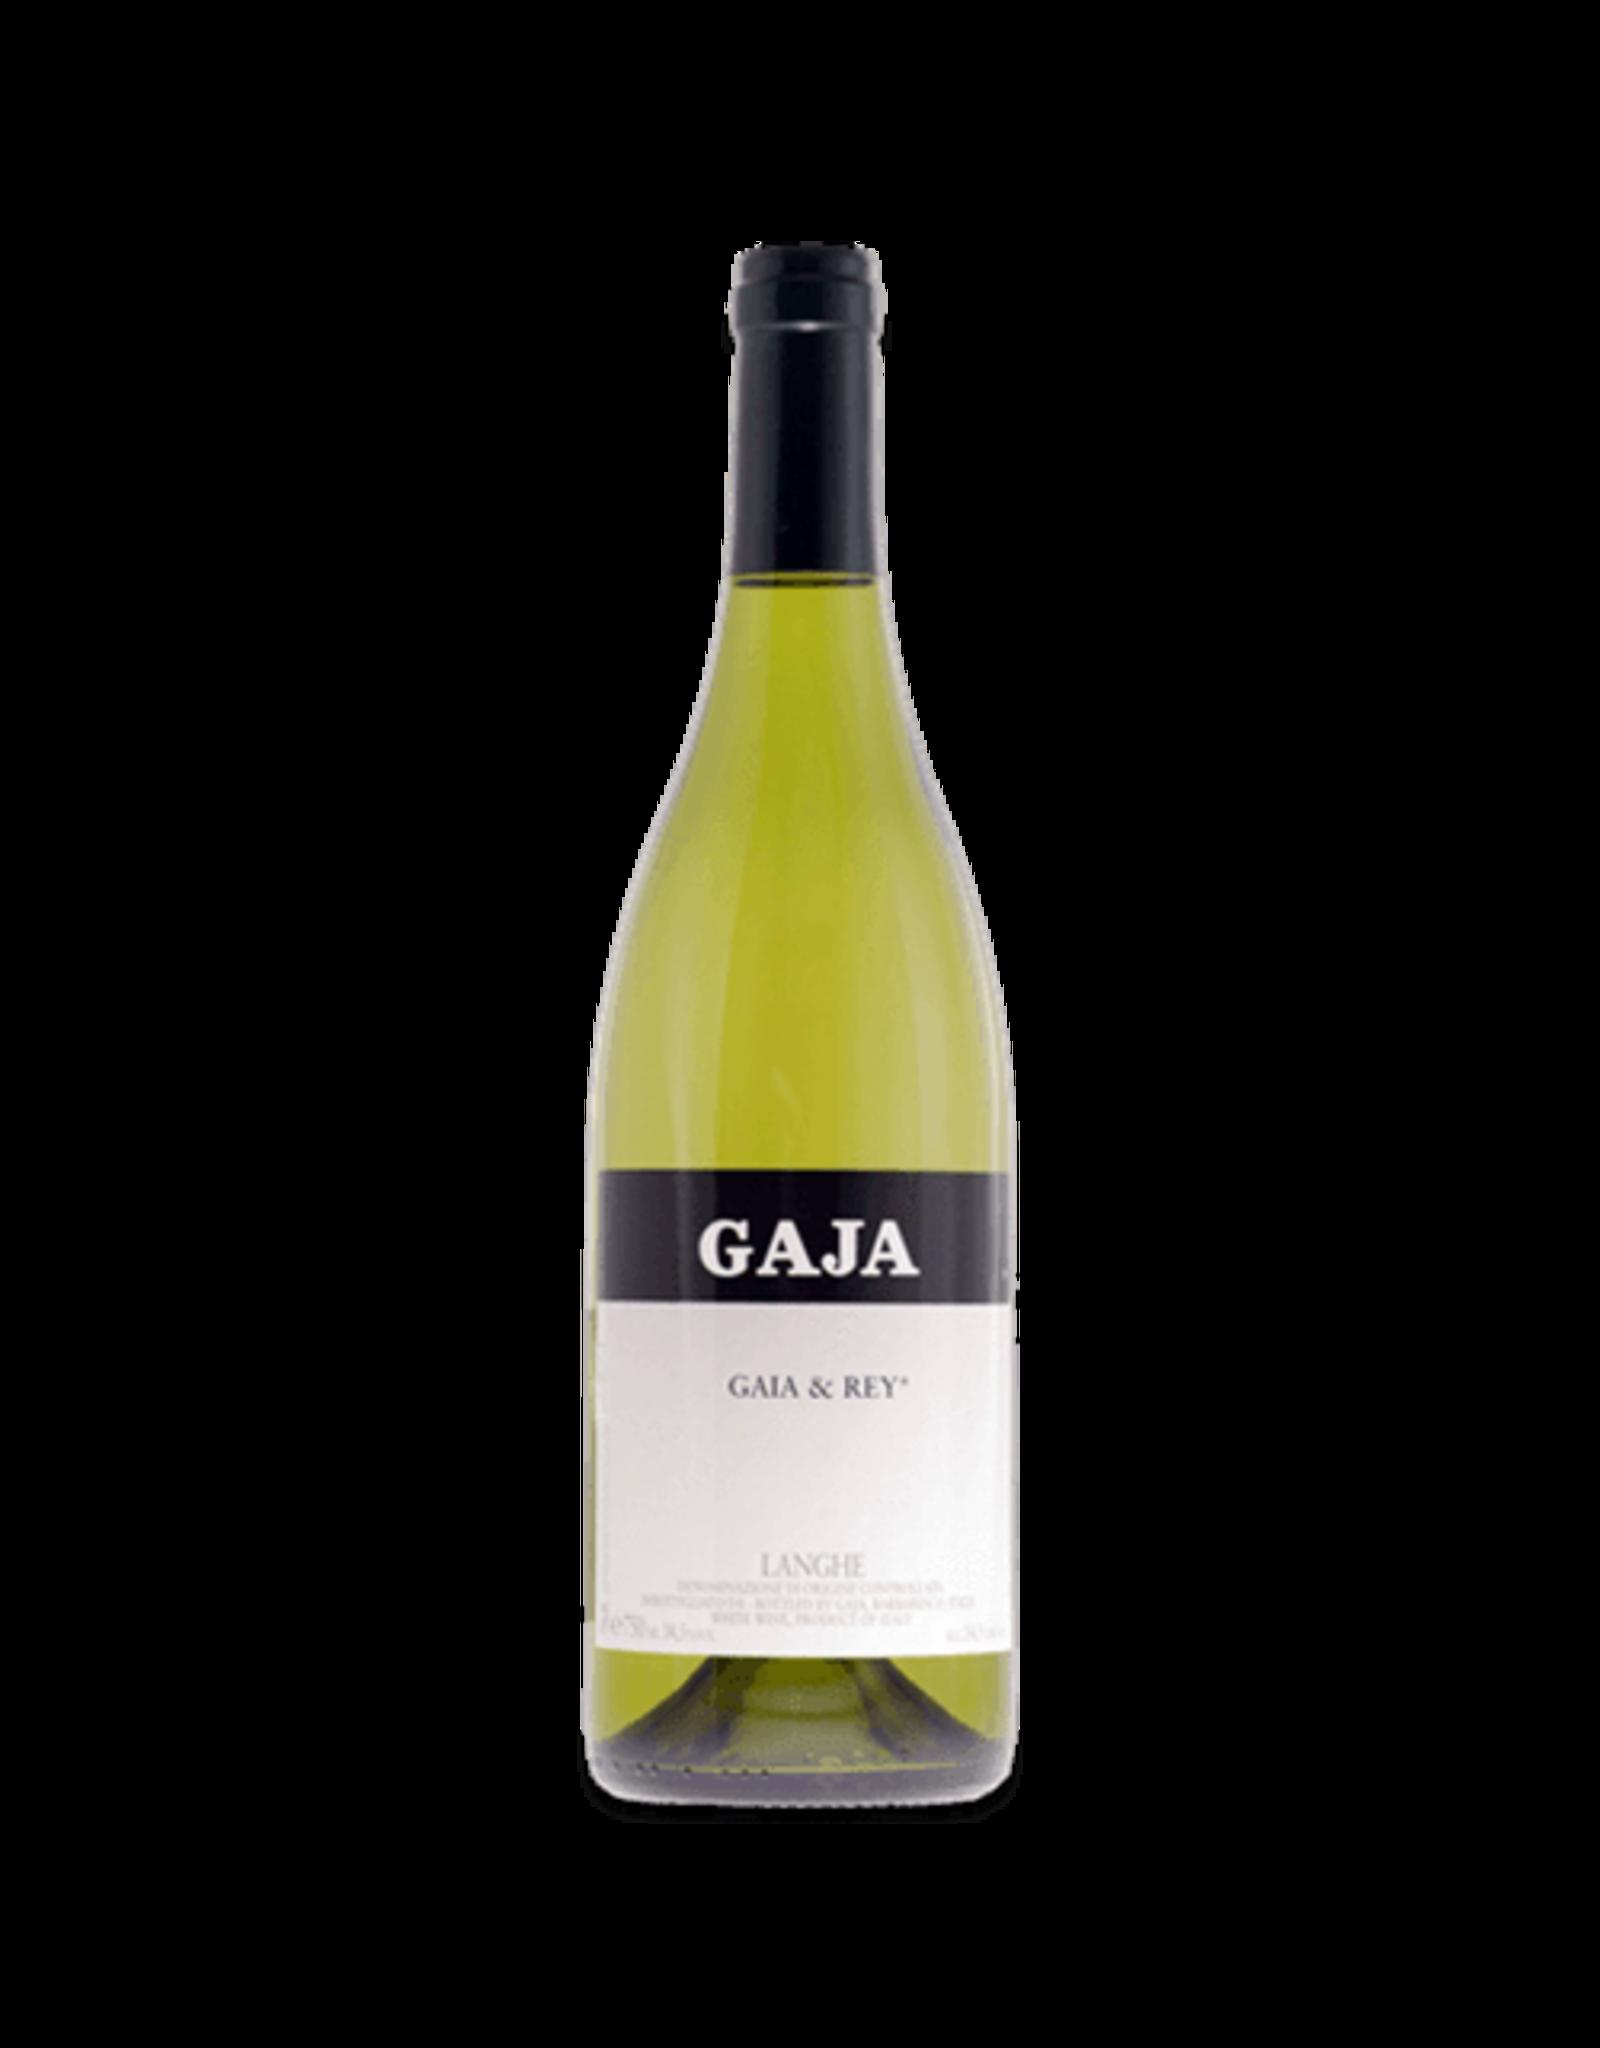 Gaja Gaia & Rey Chardonnay